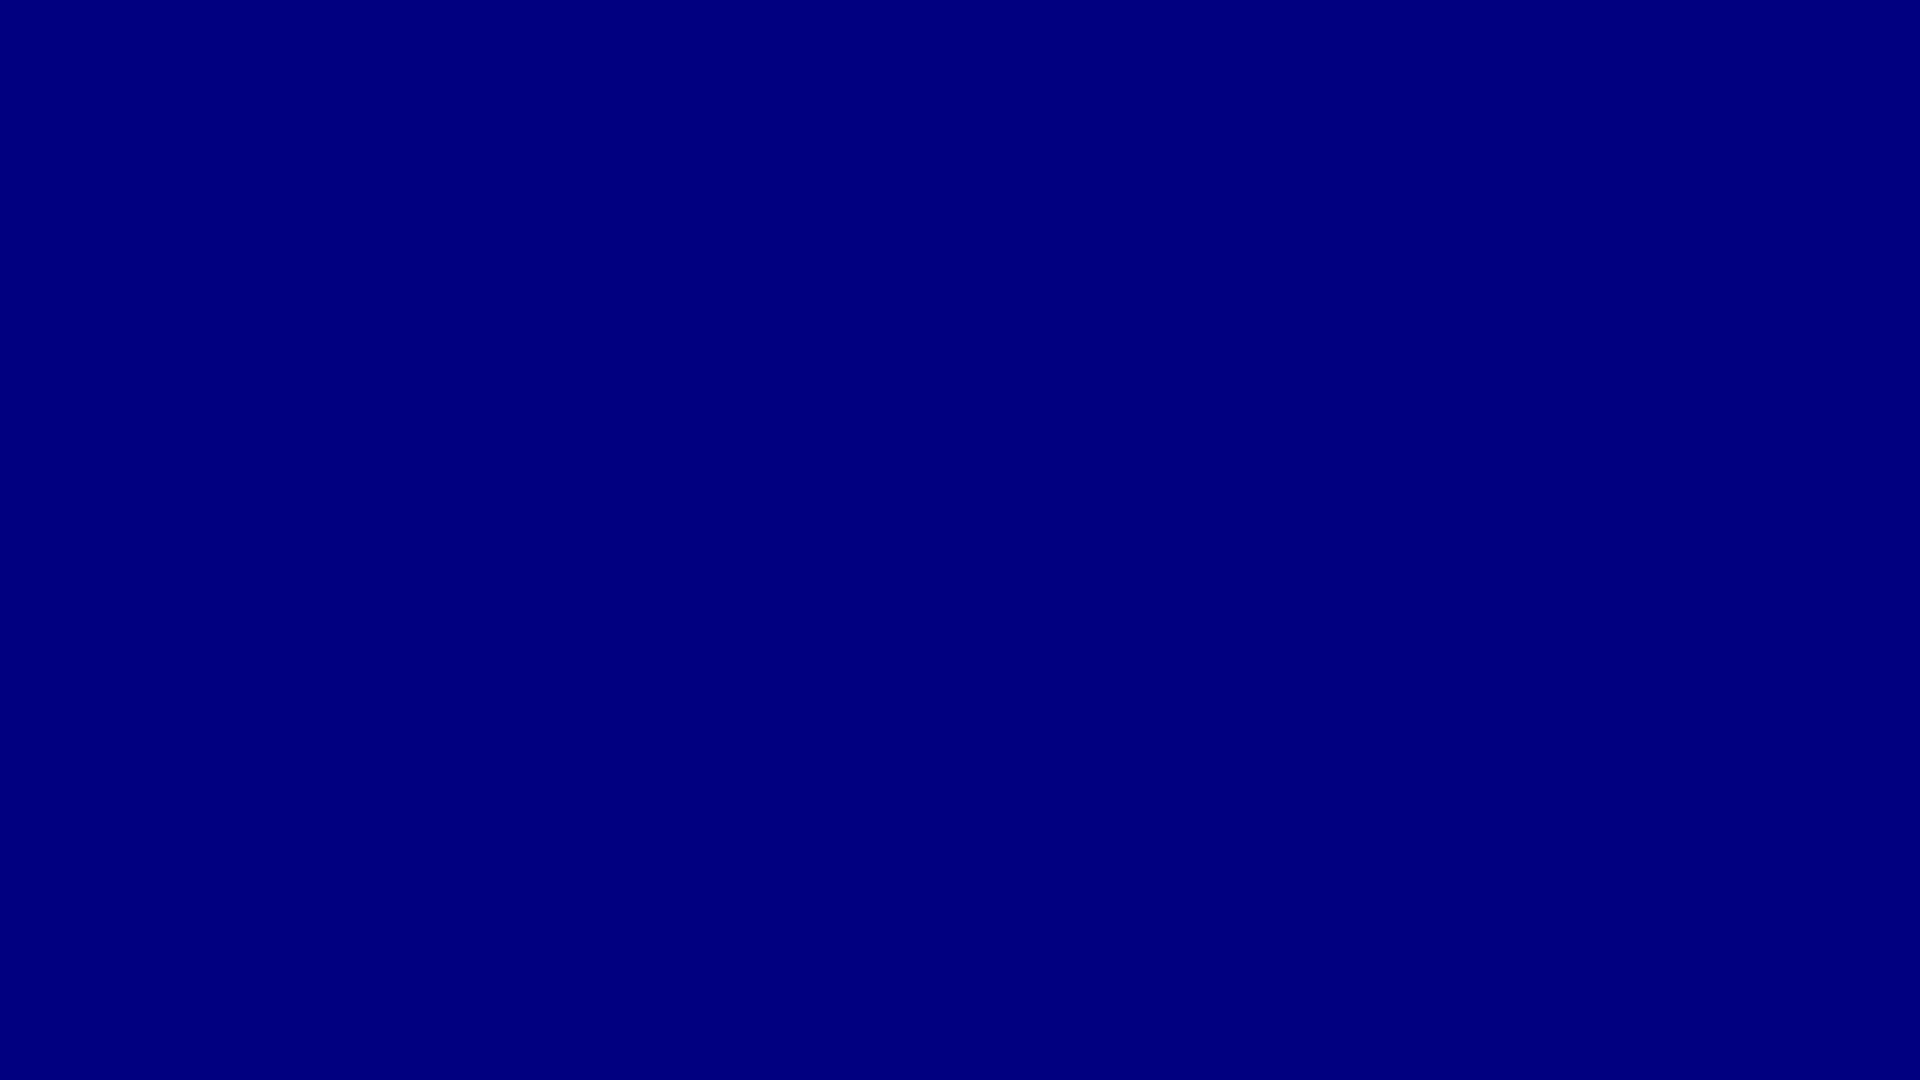 navy blue wallpaper 2015   Grasscloth Wallpaper 1920x1080